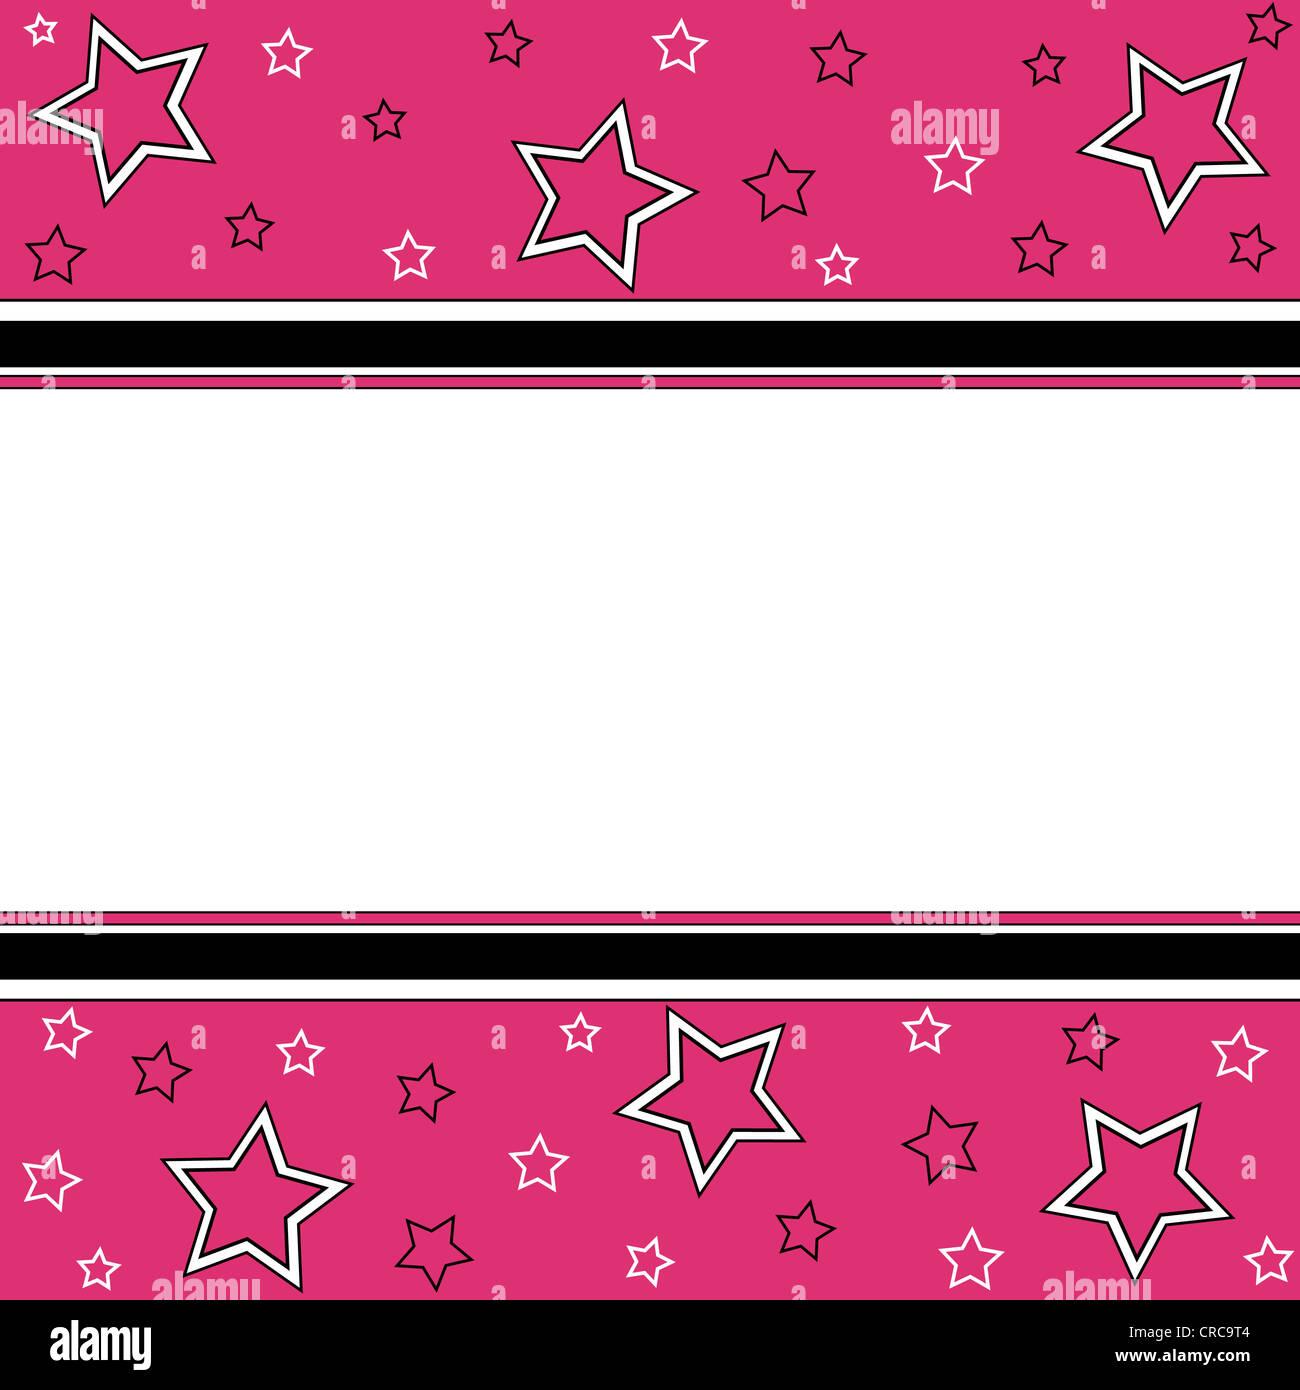 Patrón de estrellas y rayas en blanco, negro y rosa Imagen De Stock